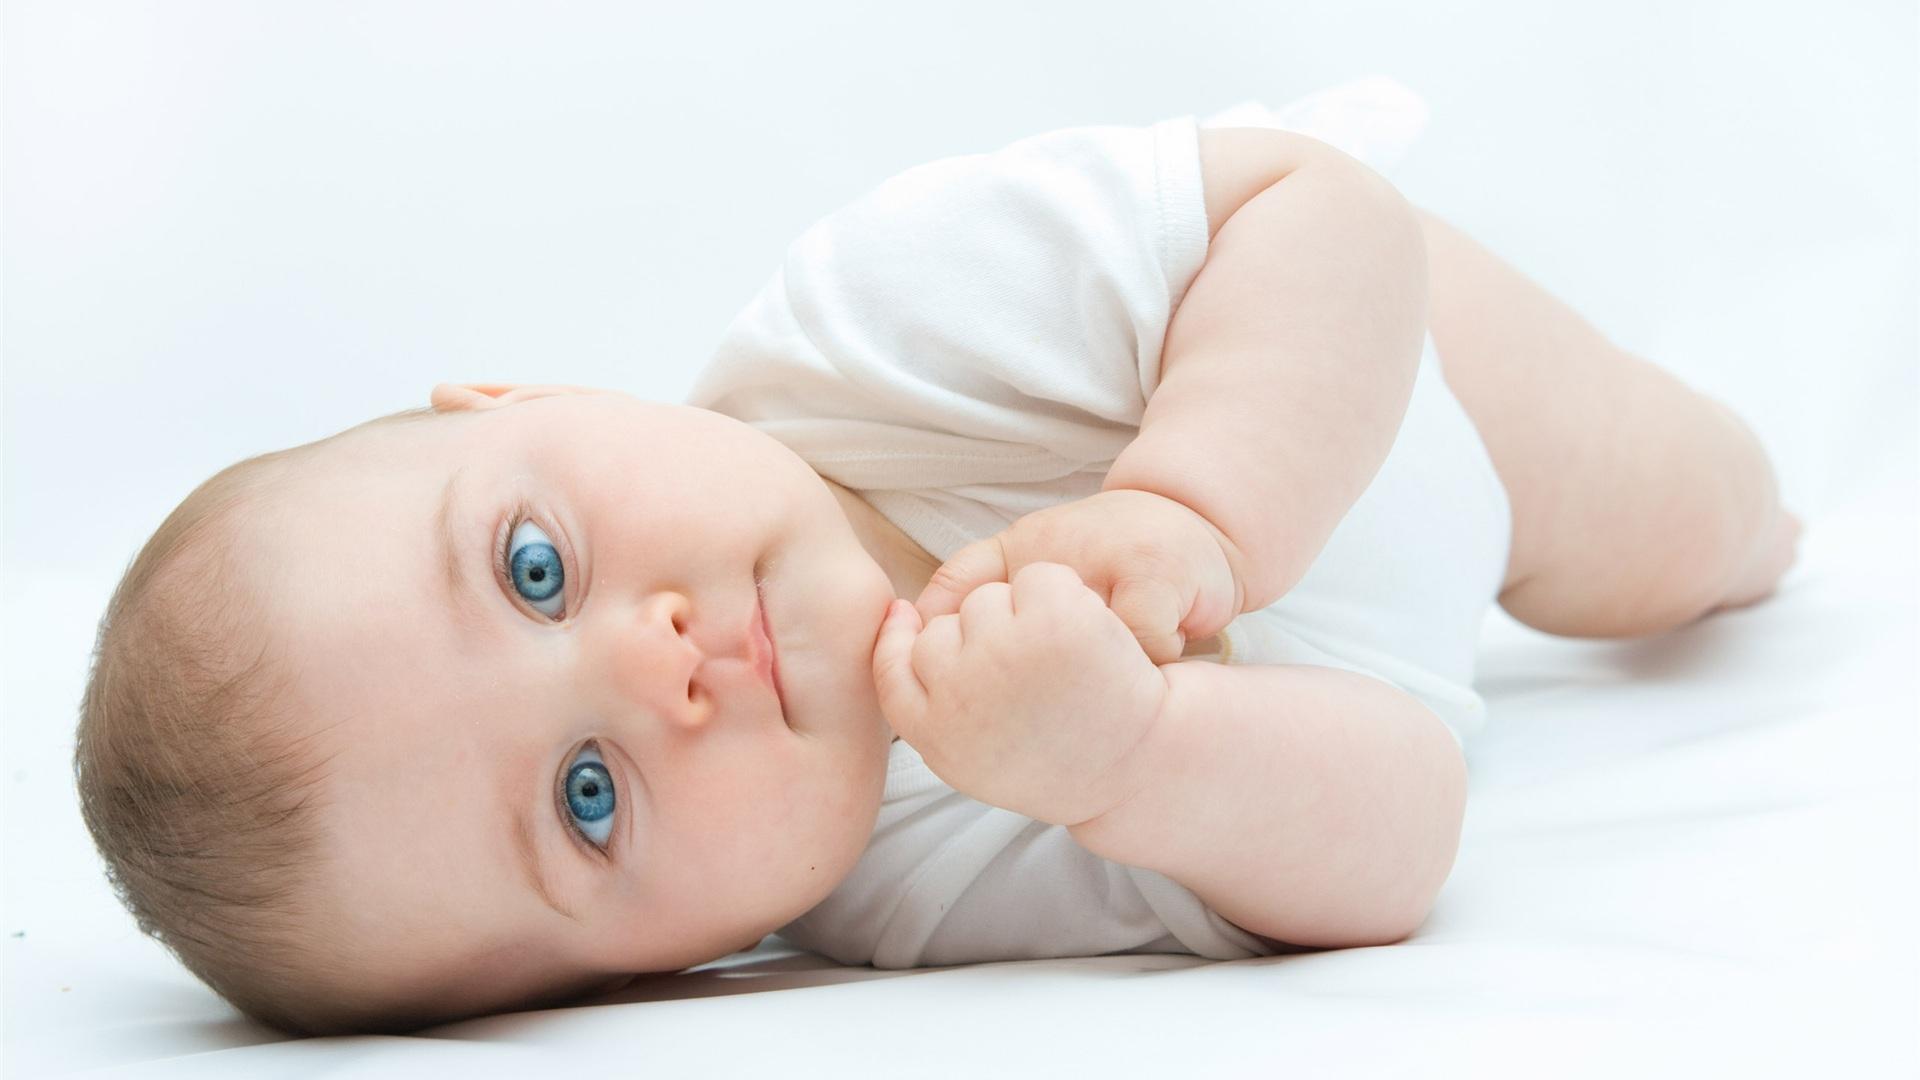 首页 可爱 侧身的可爱宝宝 壁纸  侧身的可爱宝宝 桌布 - 1920x1080